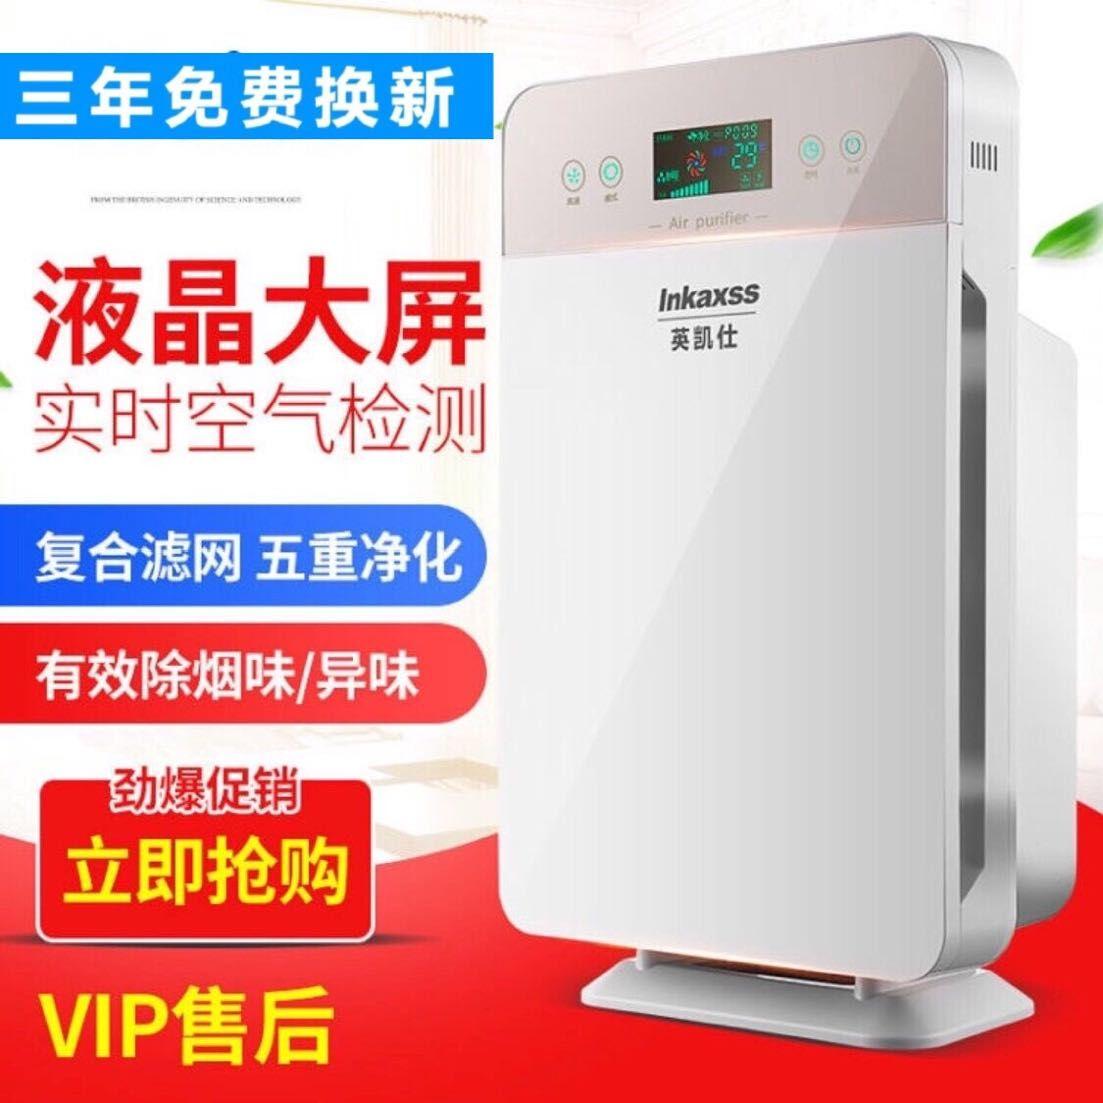 [小乐精品商贸城空气净化器]美的品质除湿机家用小型卧室抽湿器办公月销量0件仅售218元